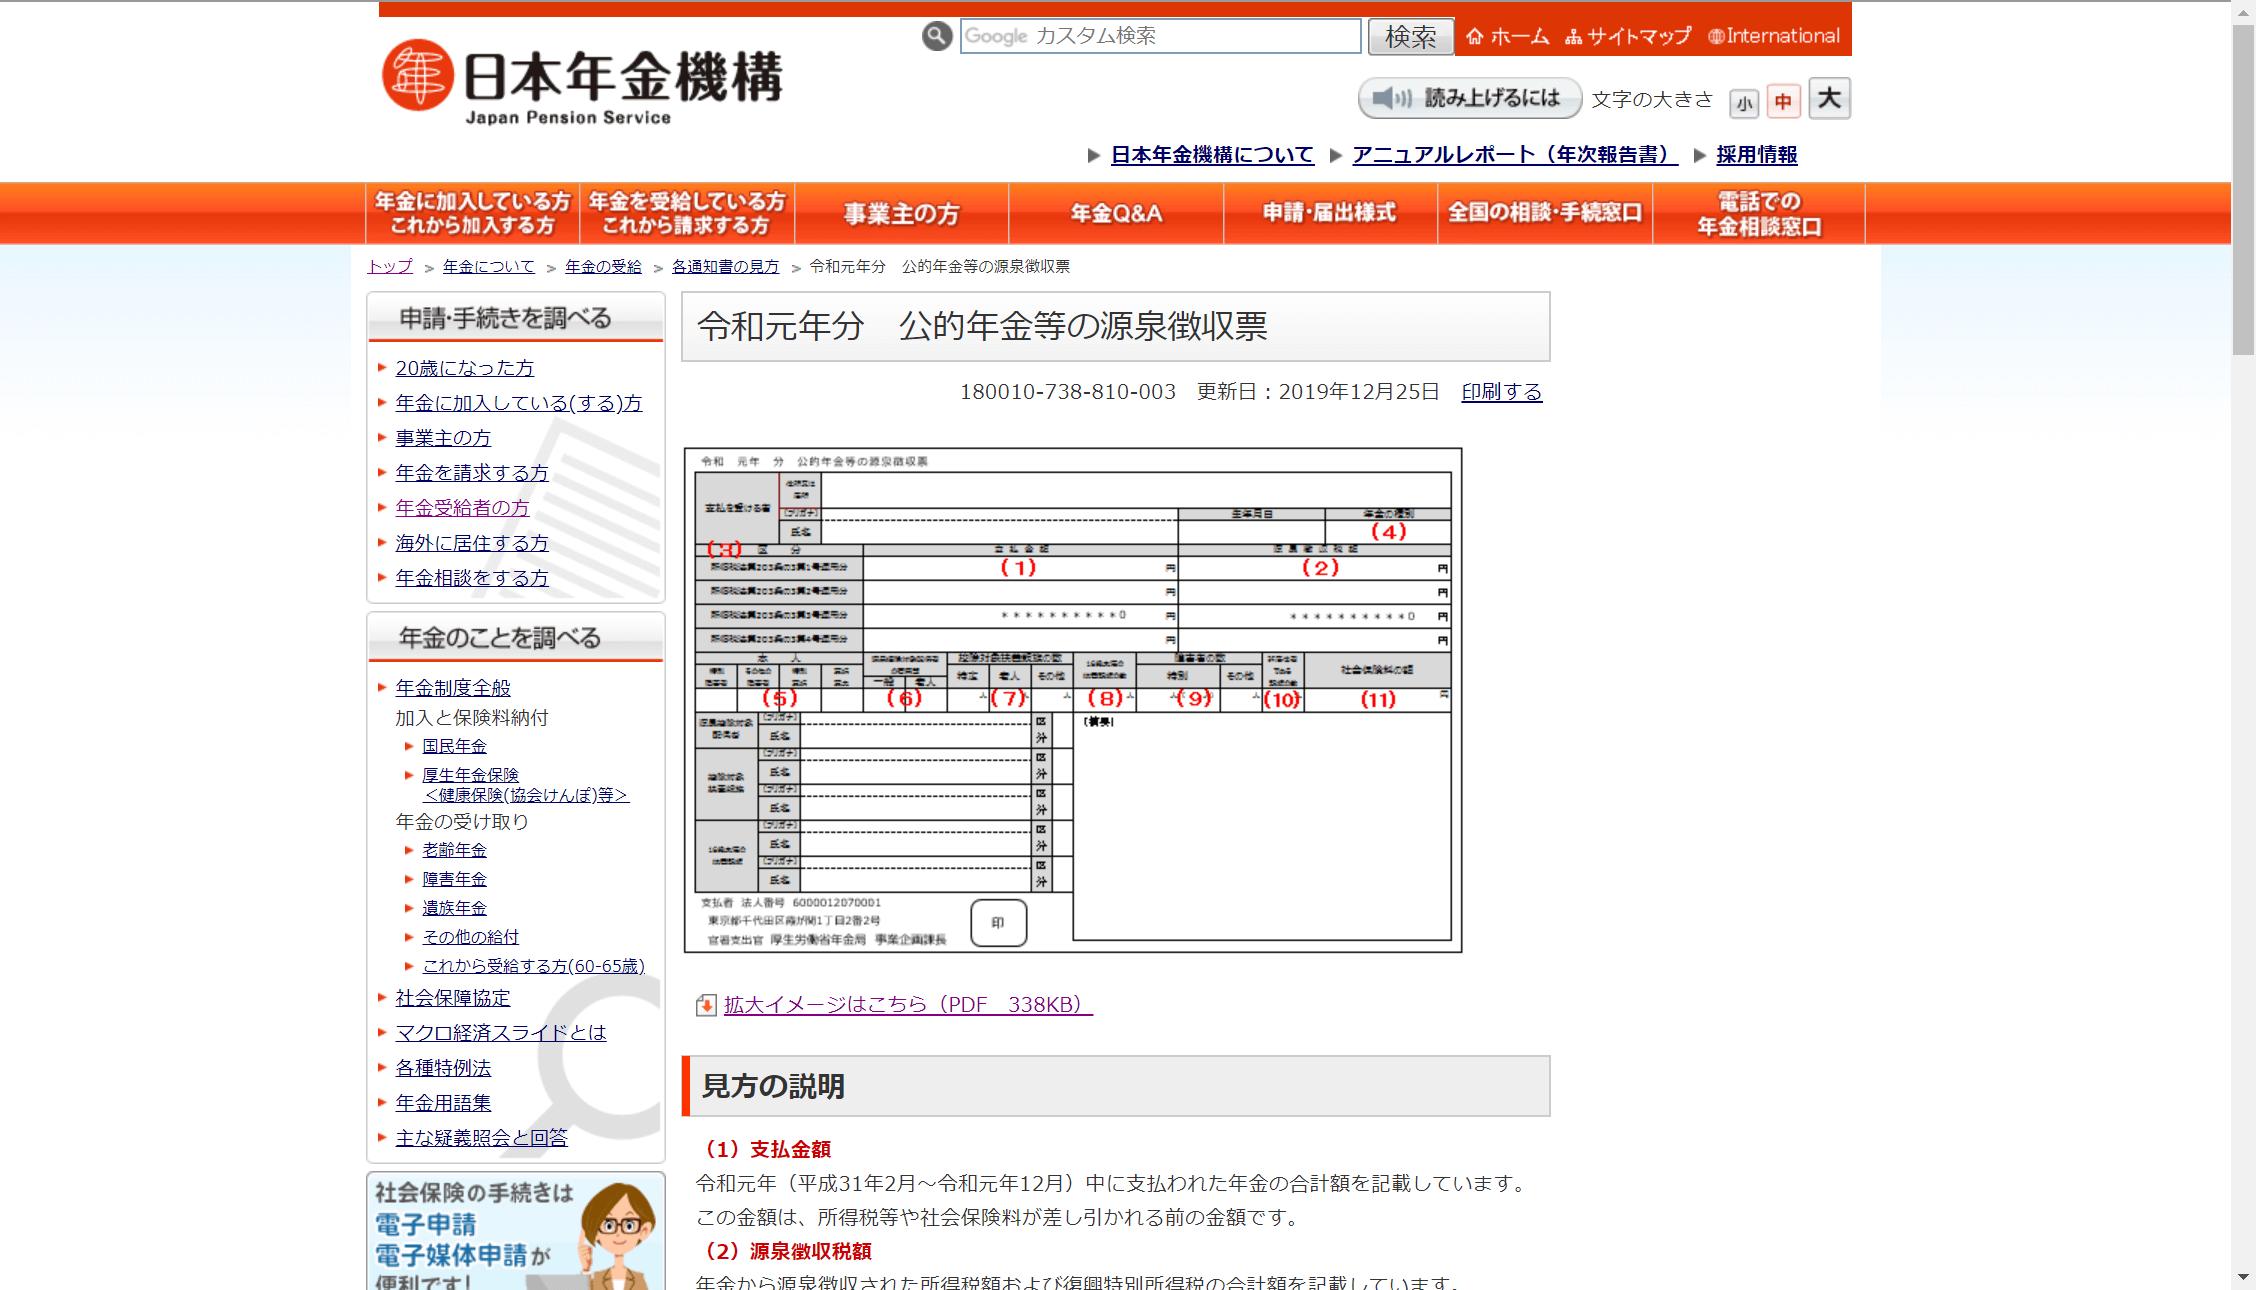 年金受給者が源泉徴収票を紛失したときの再交付申請